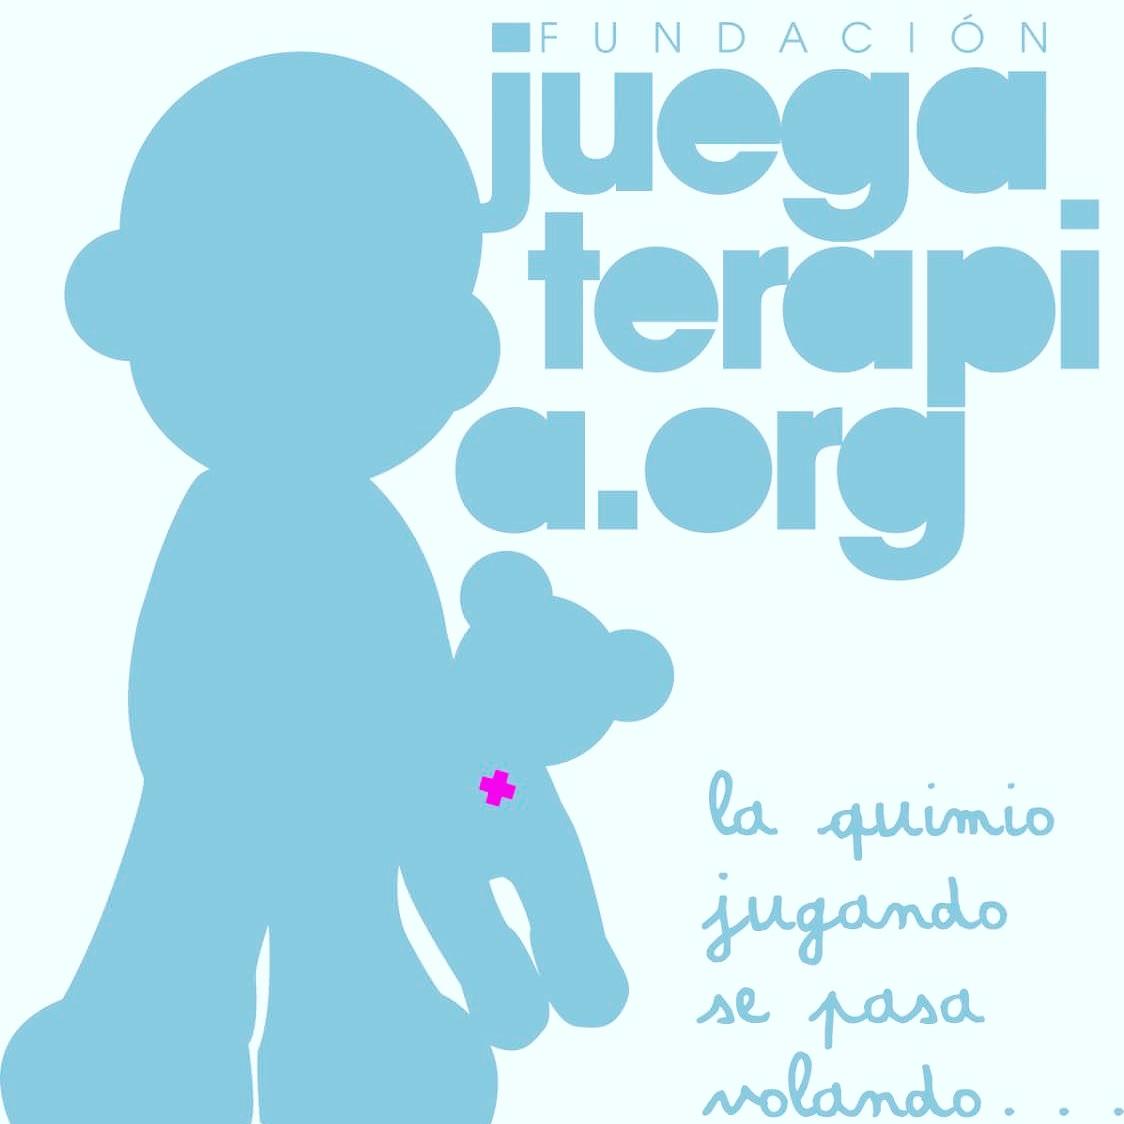 🃏Los niños necesitan jugar y el juego también cura🃏 #Psicologia #SaludMental #diainternacionaldelcancerinfantil #DiaInternacionalCancerInfantil #Cancer #CancerInfantil #CDMX #CiudadDeMexico #Mexico #Bienestar #HazQueSuceda #SabiasQue #sabiduria #juegaconellos #juego #duelo